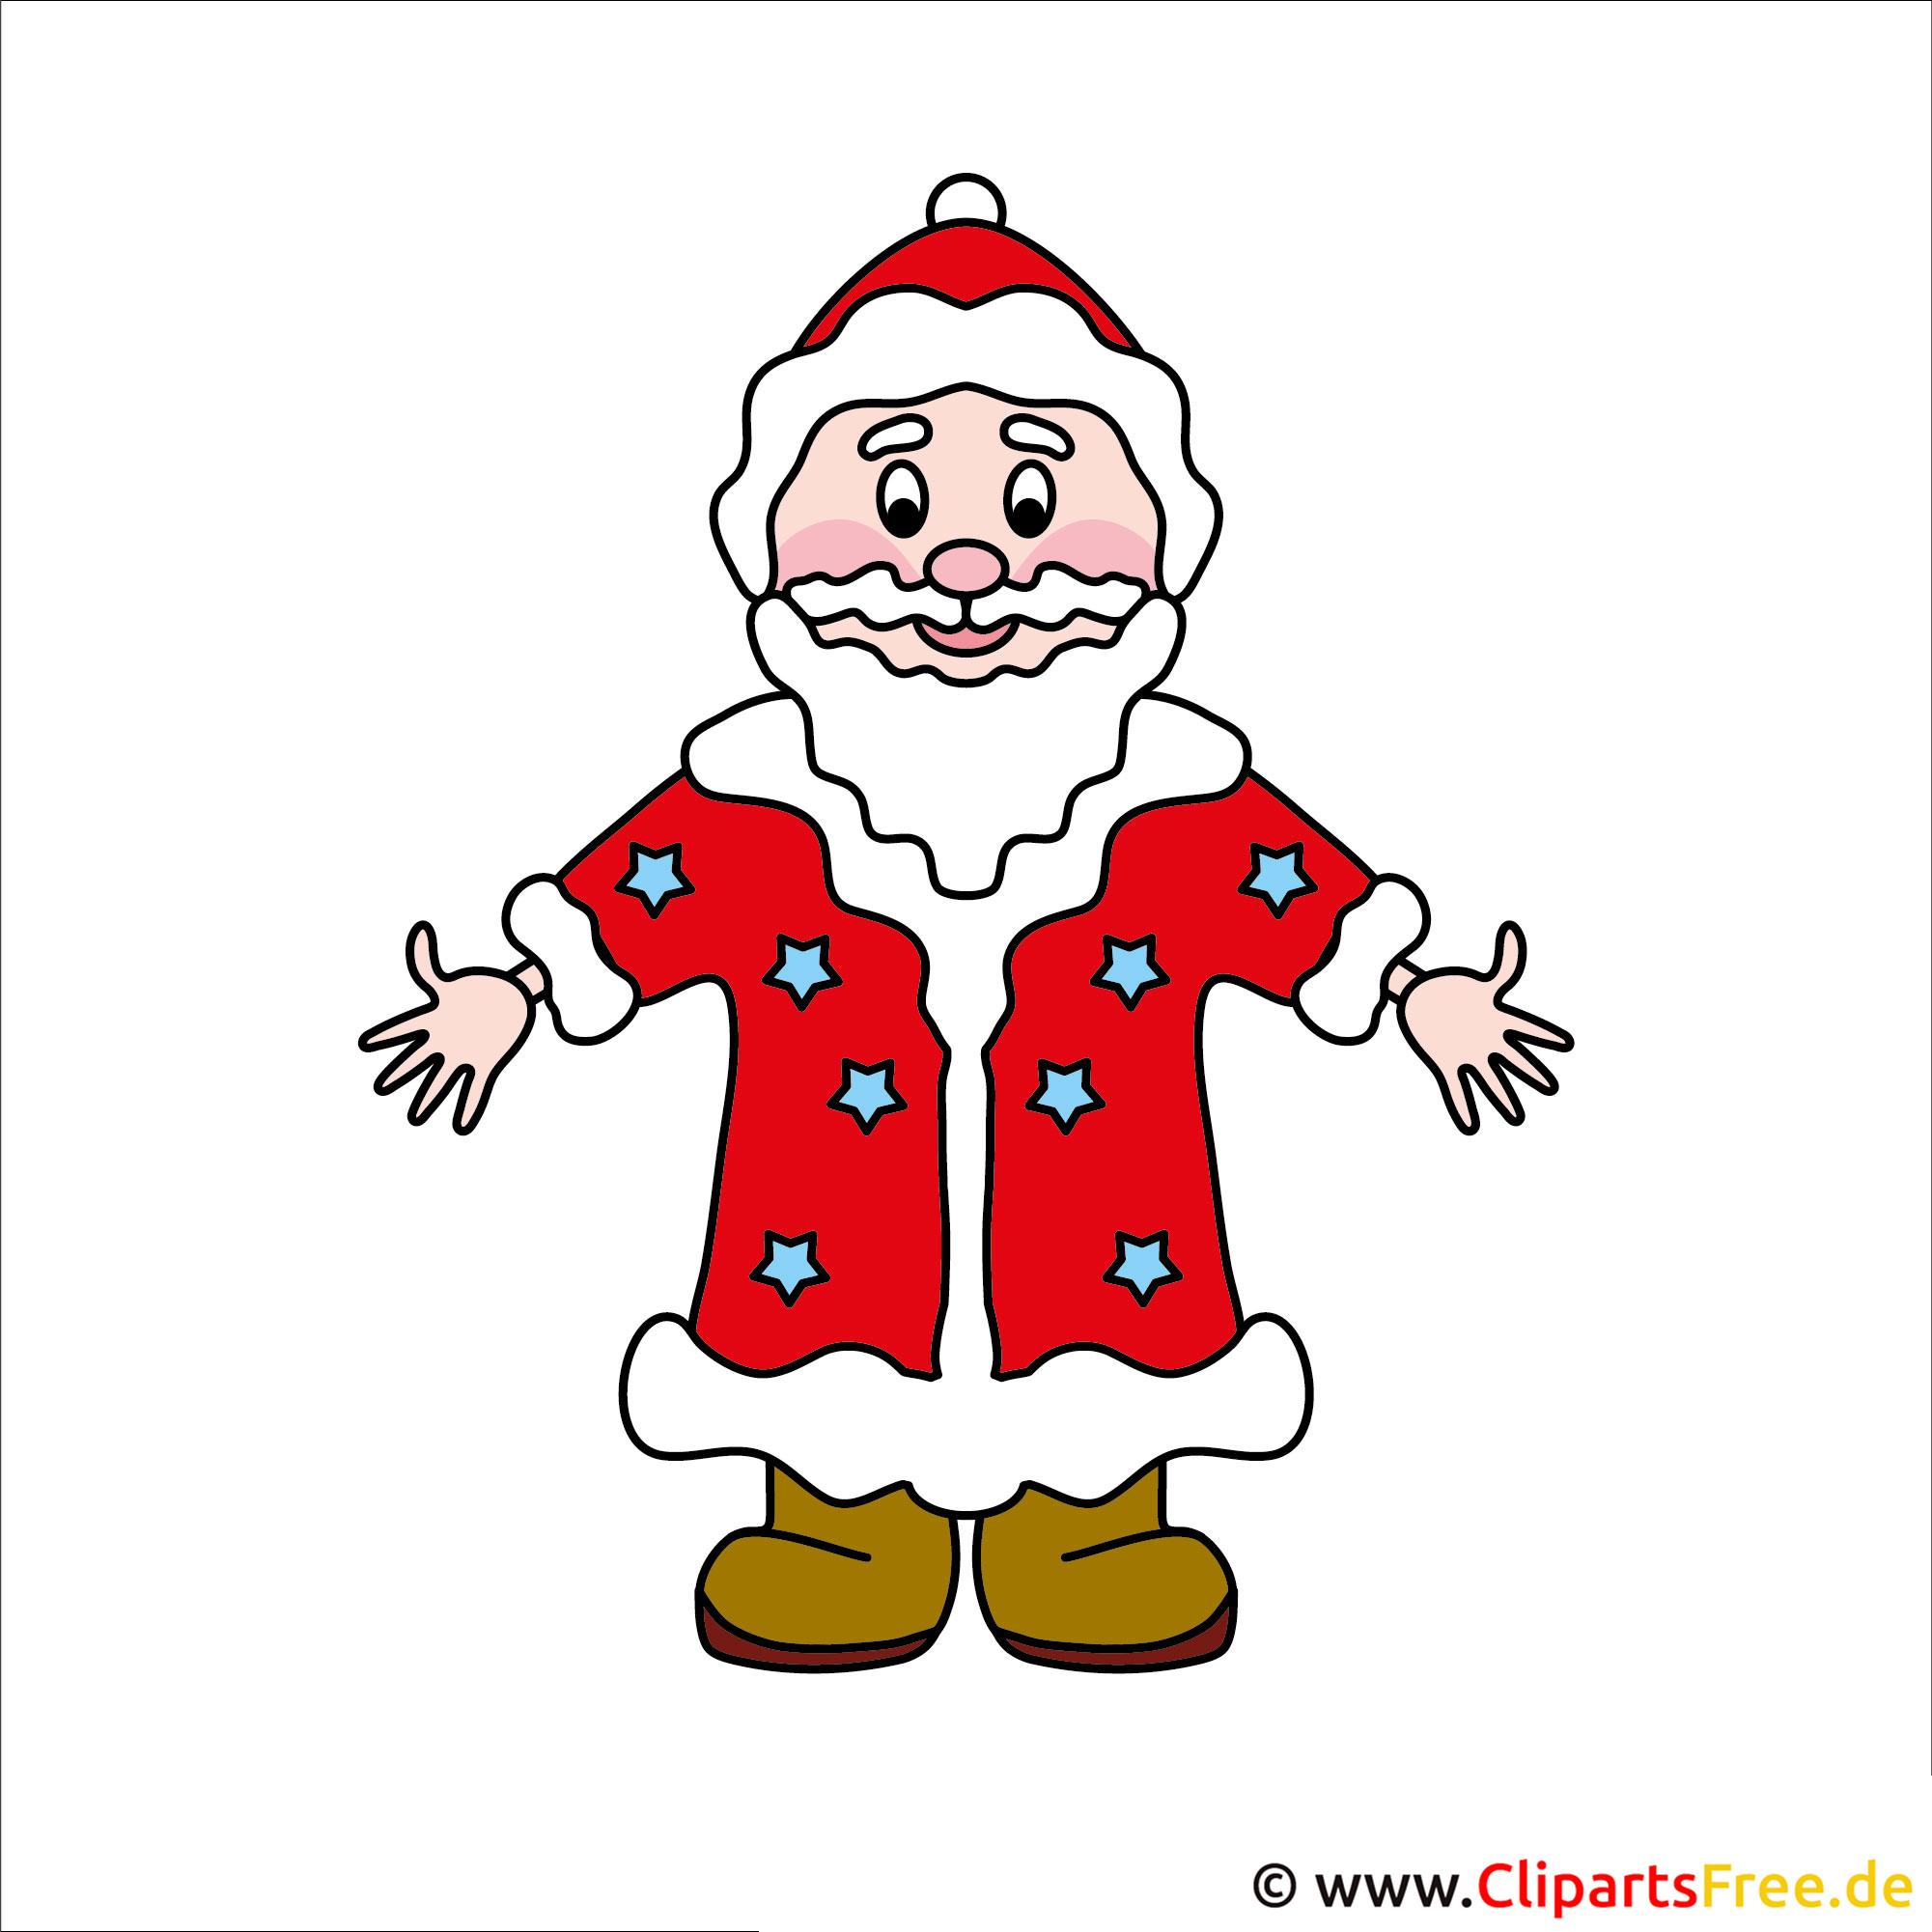 Väterchen Frost Clipart - Bilder zu Weihnachten